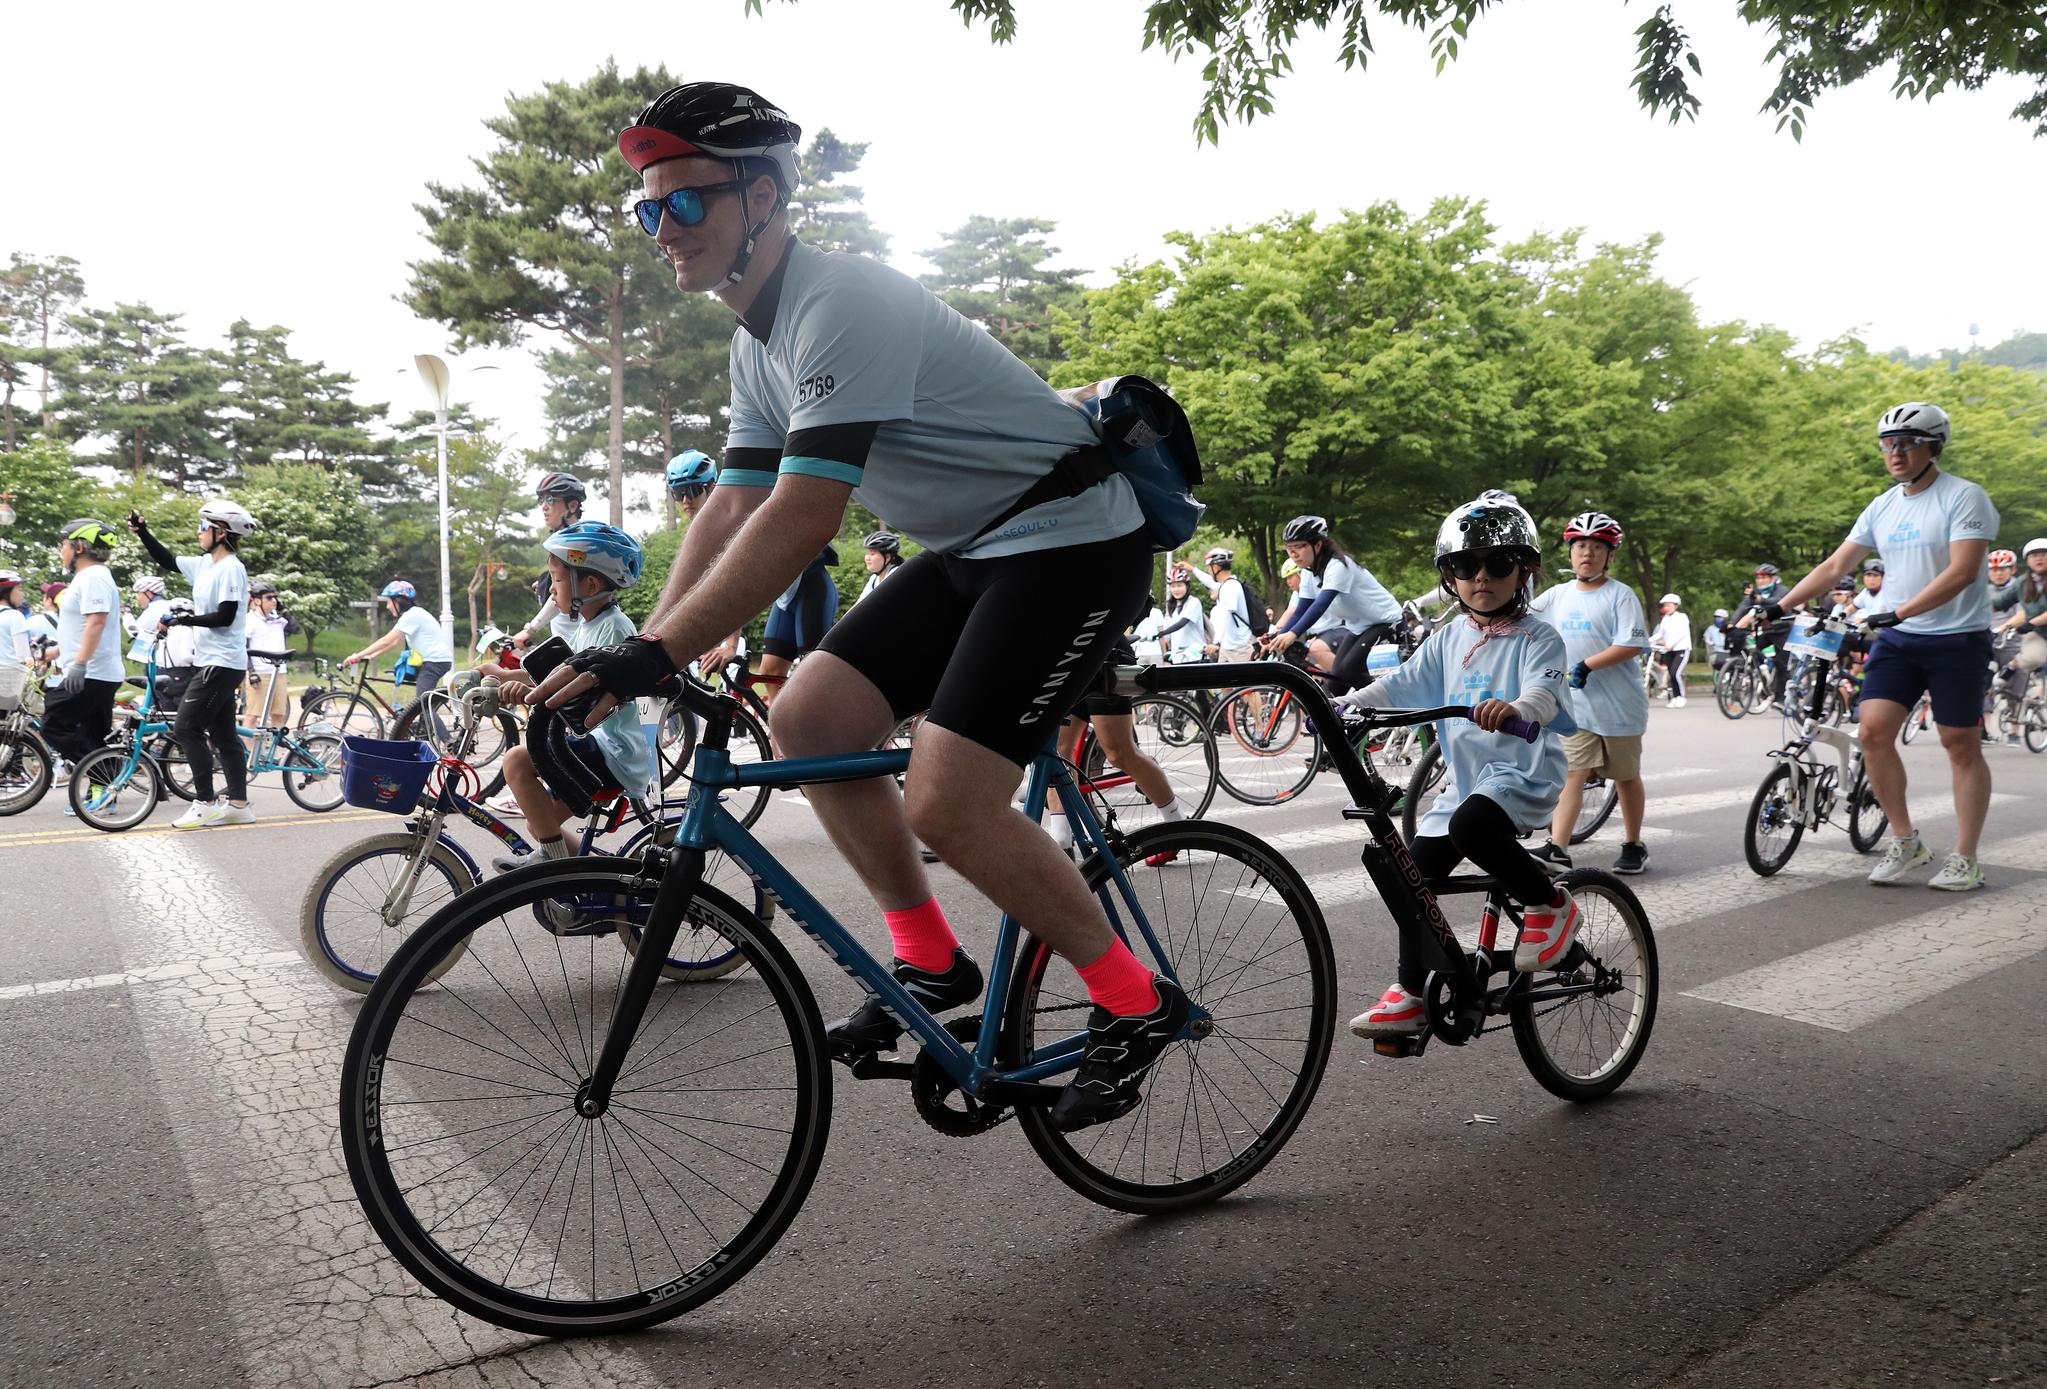 독특한 형태의 2인승 자전거를 탑승한 외국인 아버지와 아이 참가자도 있었다. 우상조 기자